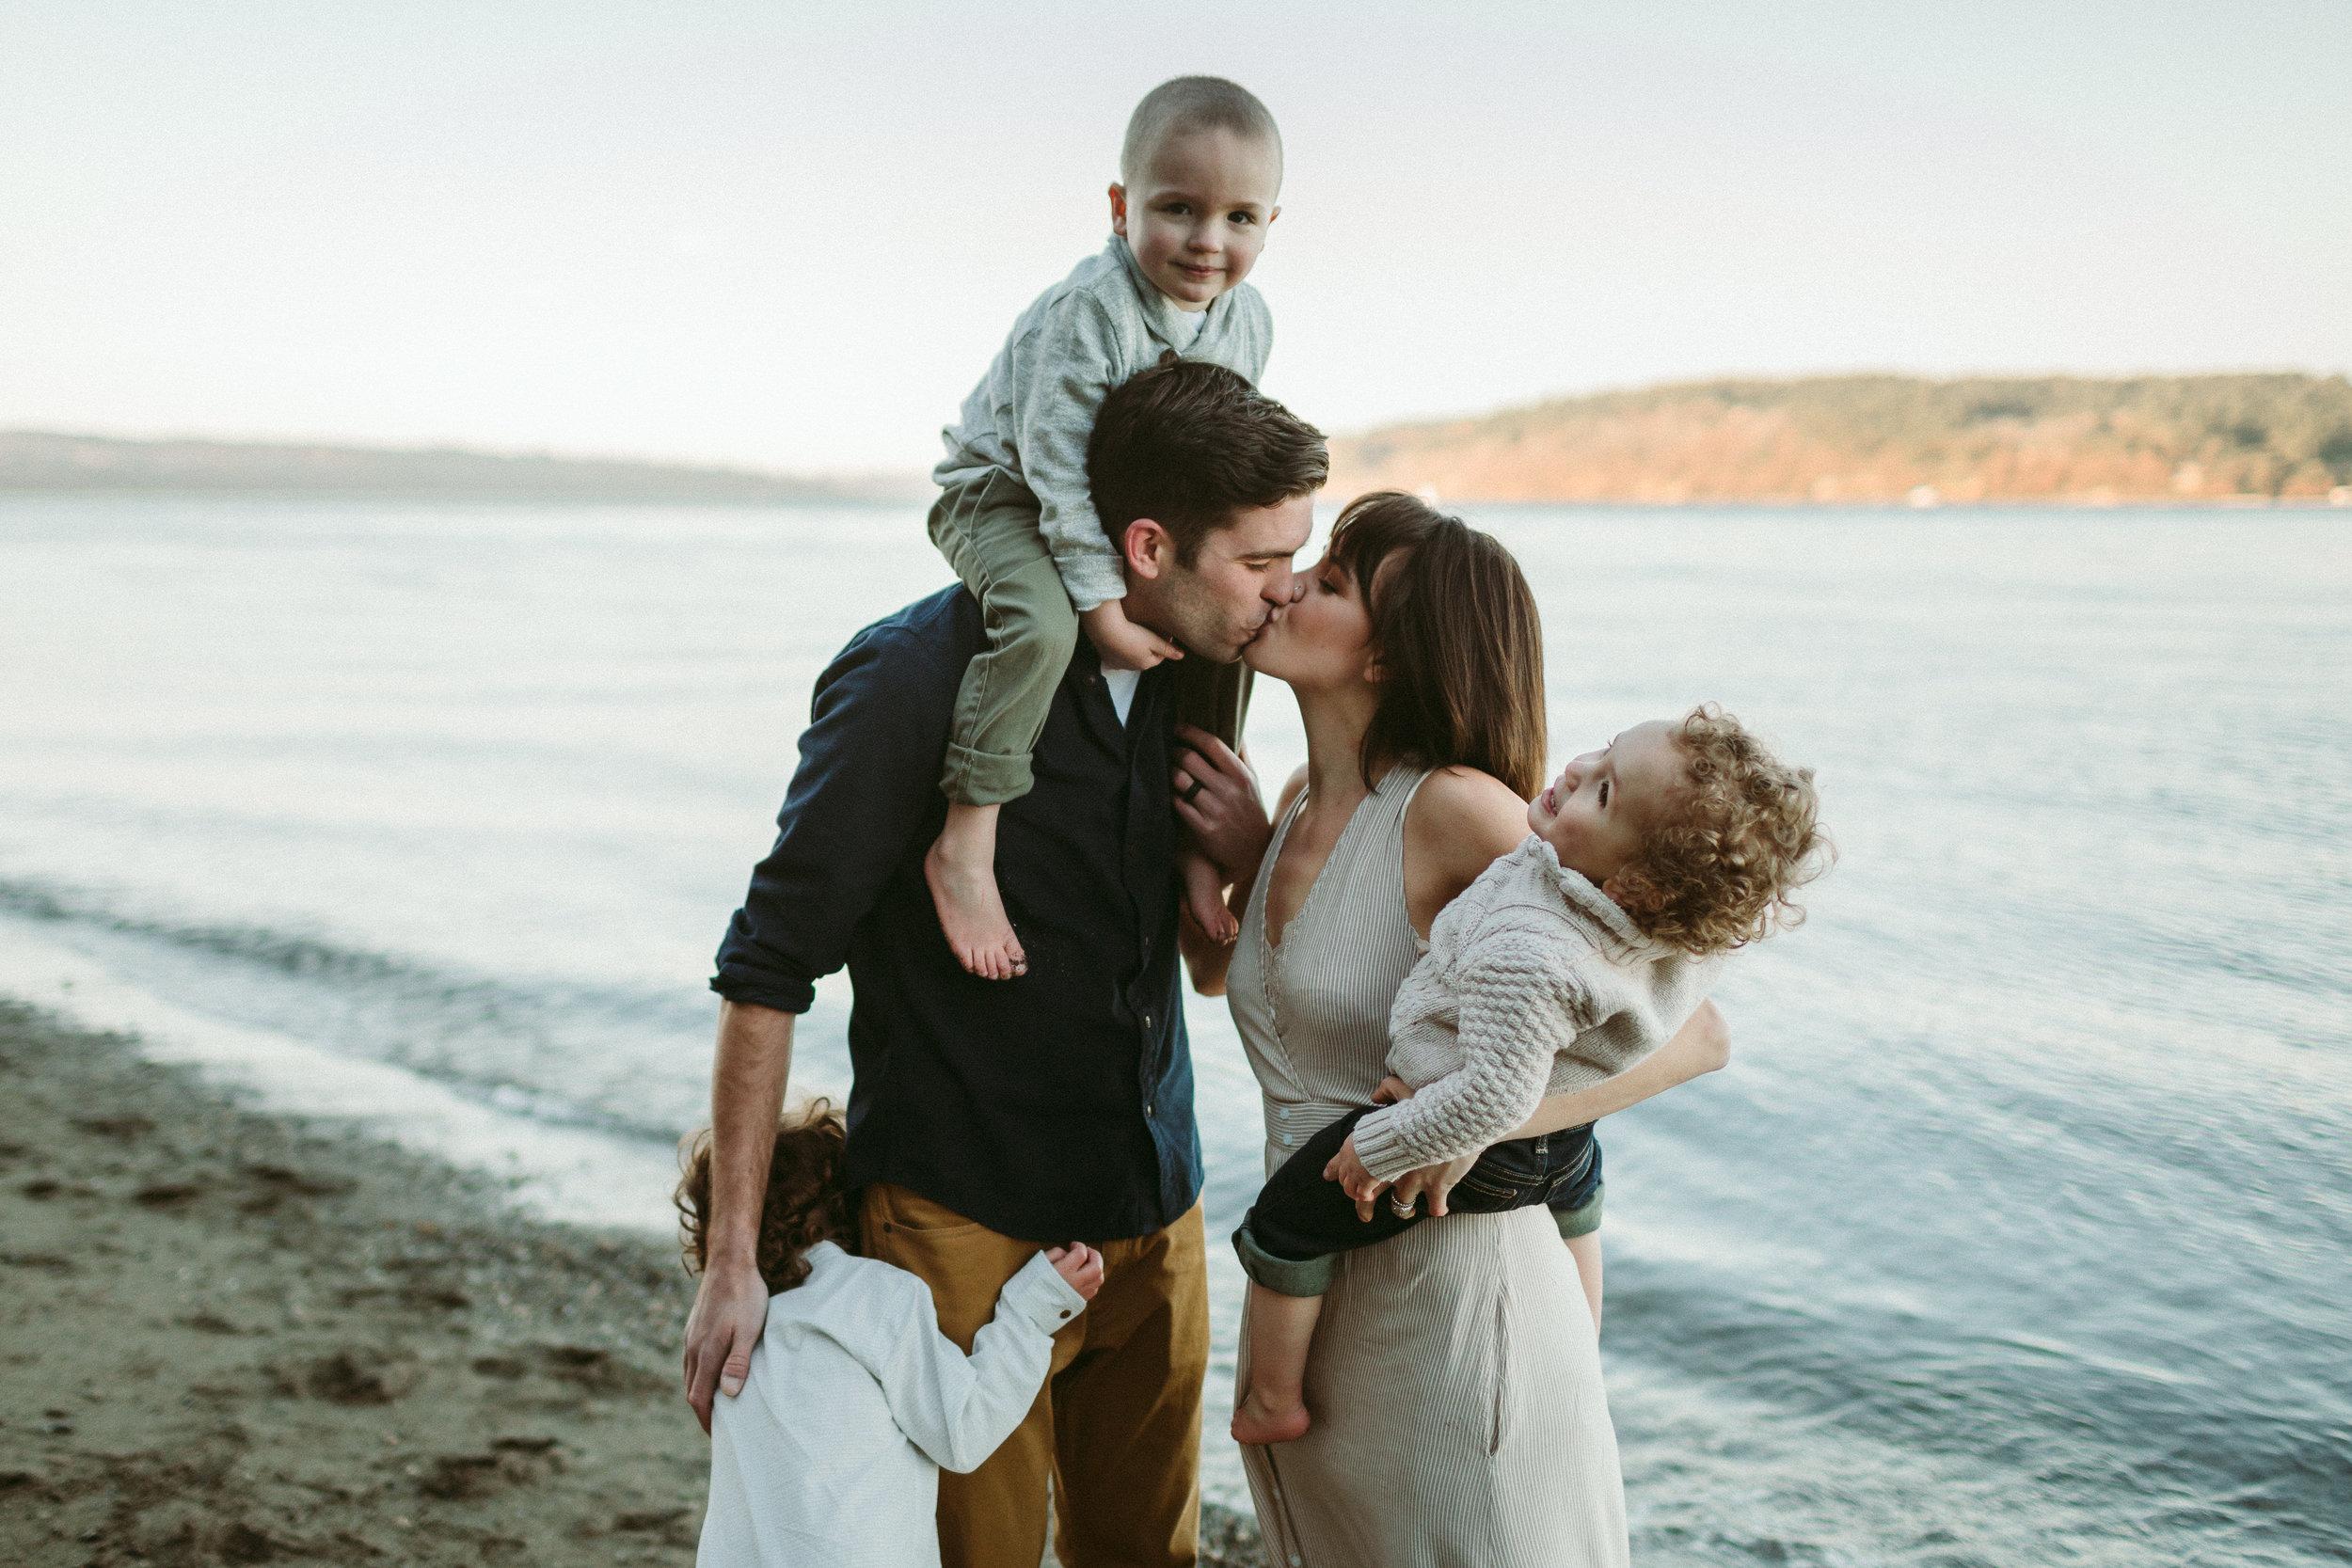 Familyportraits Owen Beach Tacoma WA148.jpg